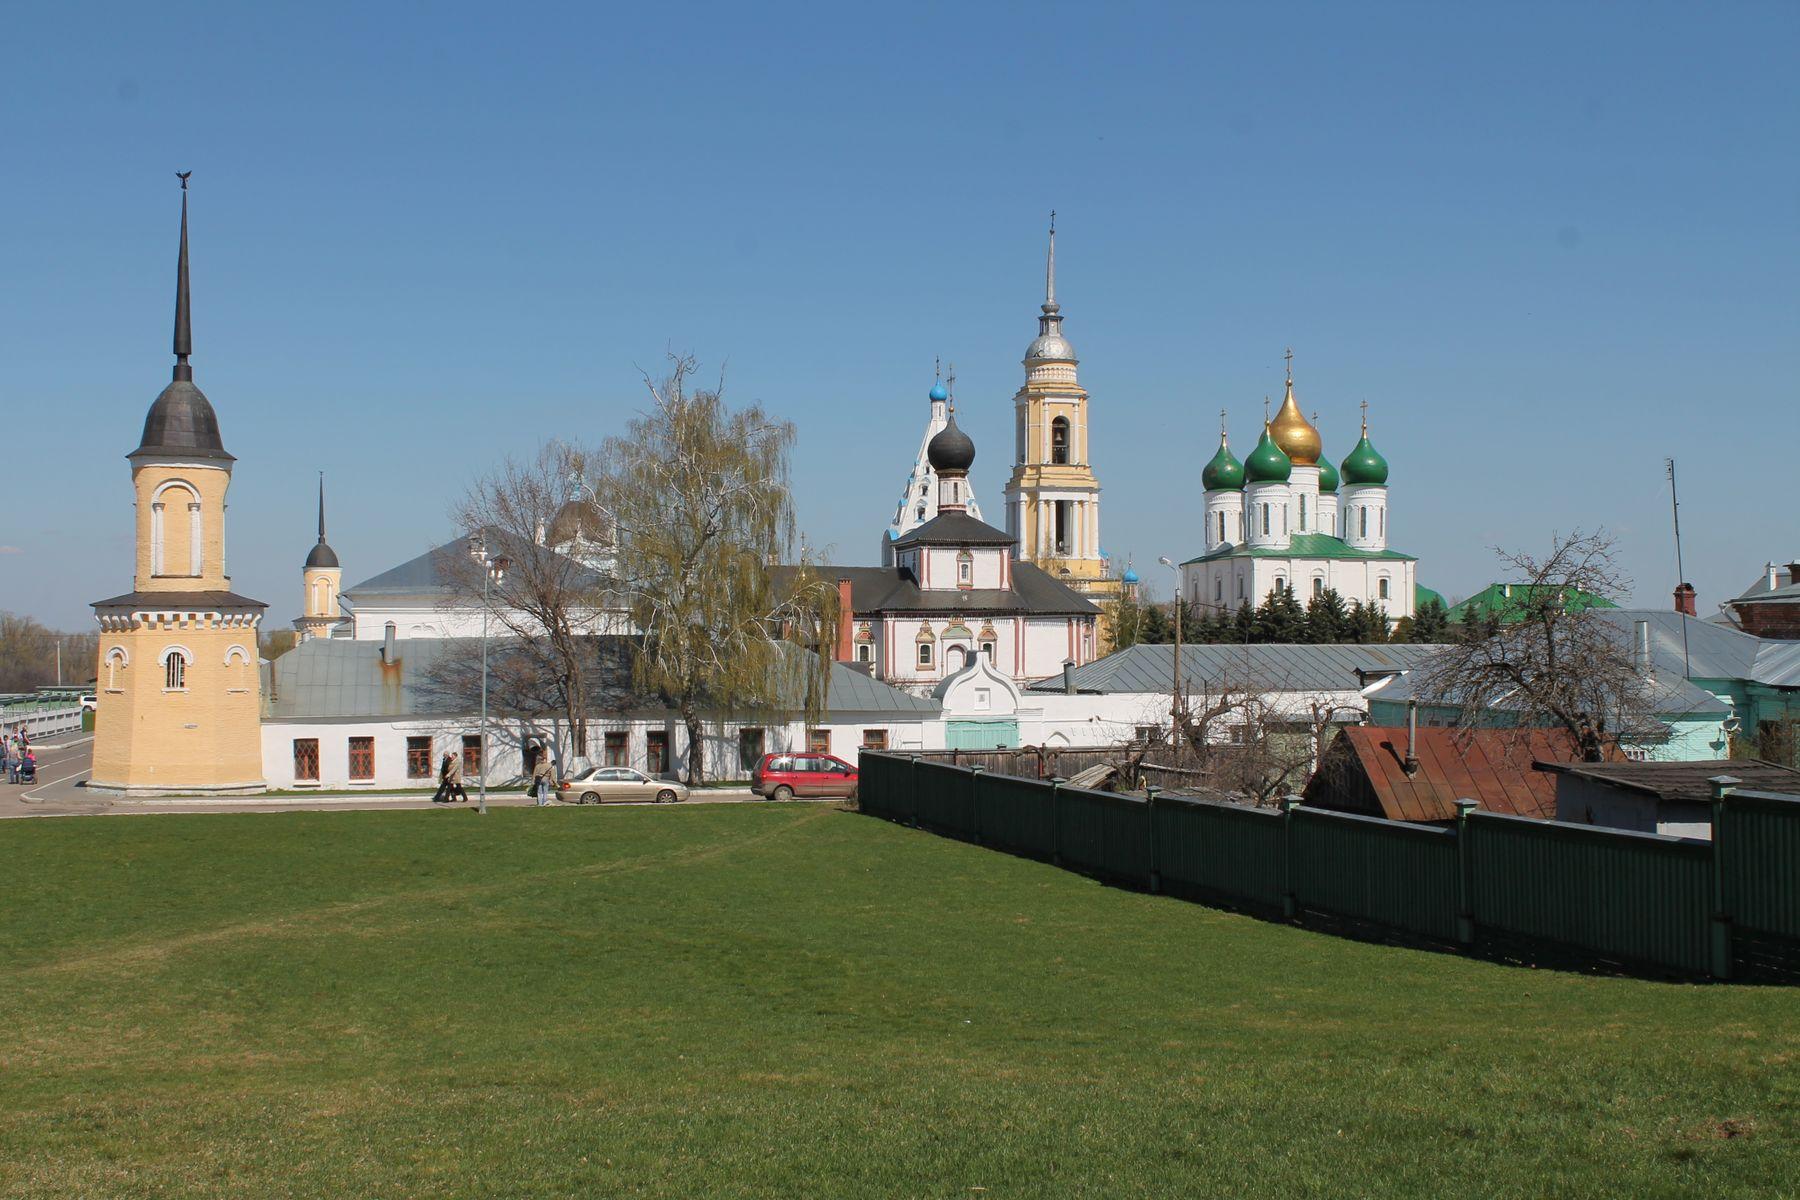 Коломна (Московская область) Коломна Подмосковье